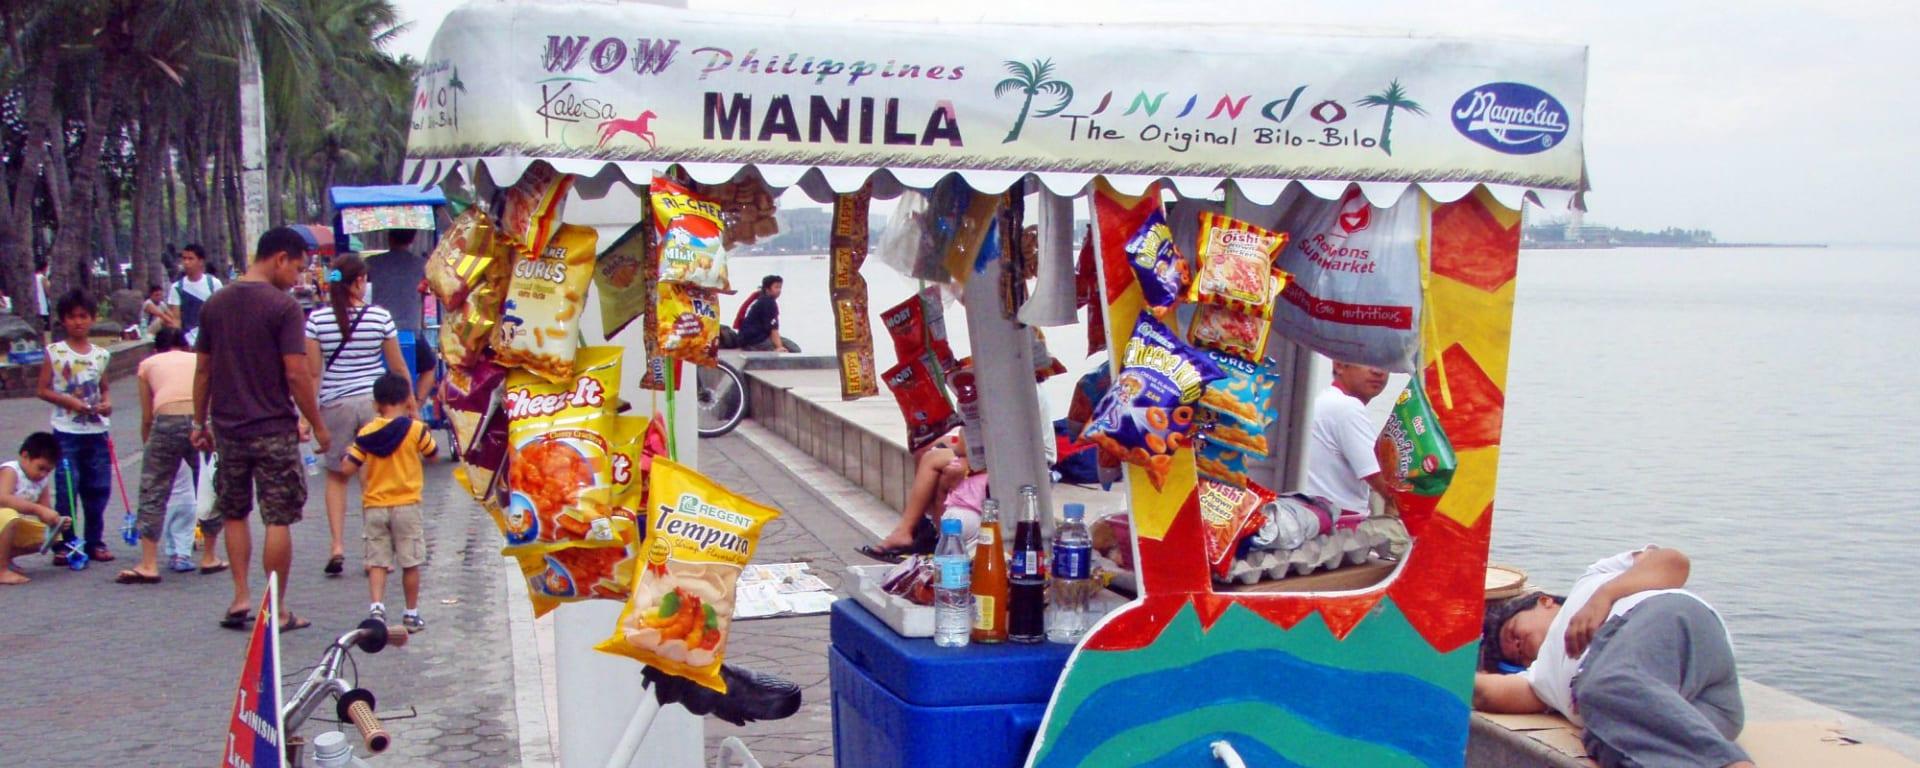 Stadtrundfahrt Manila, inkl. Mittagessen: Manila Roxas Blvd